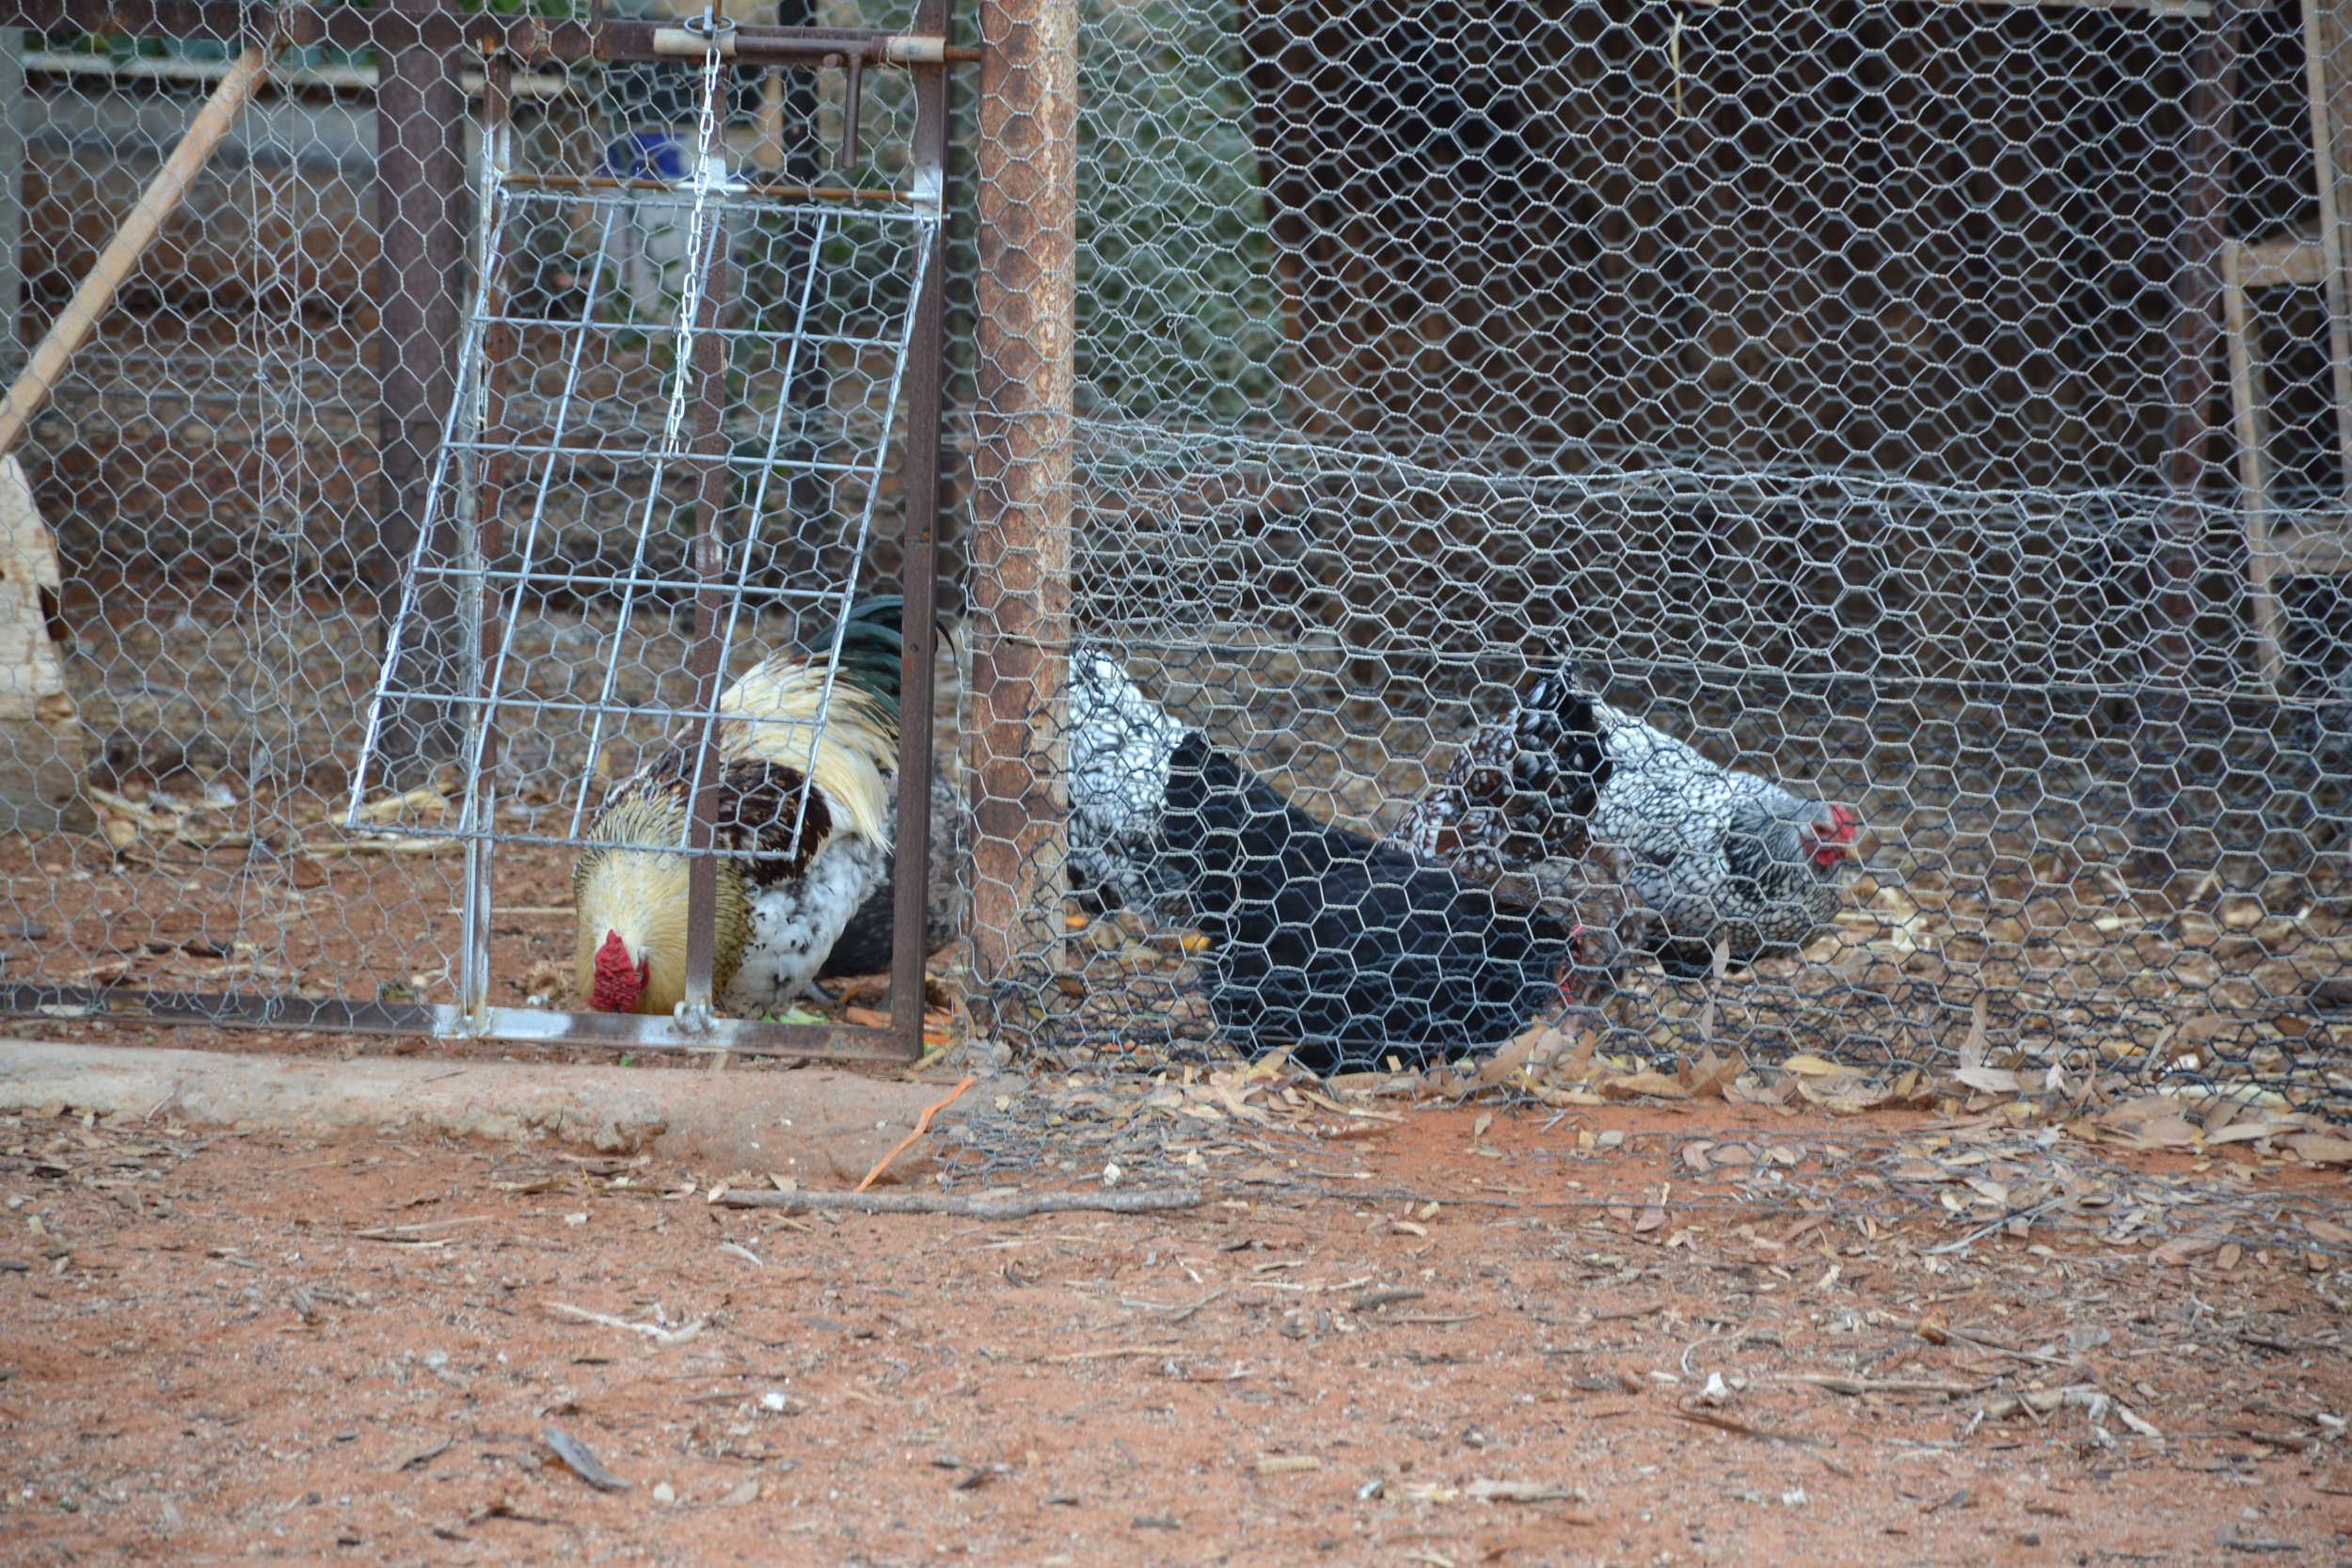 023 Good morning rooster.JPG